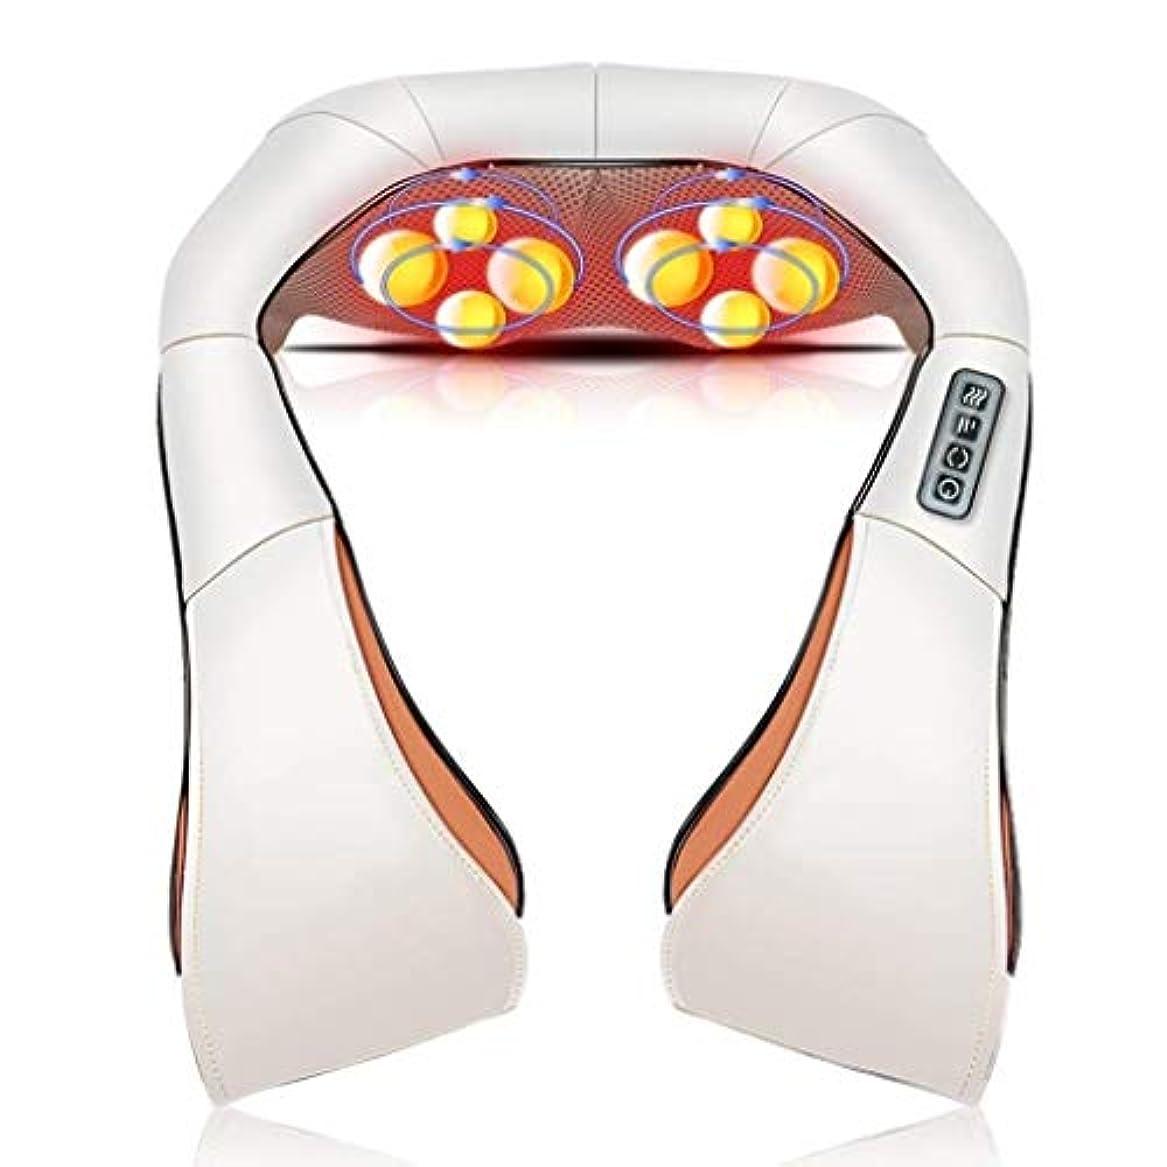 ご近所手伝う気怠い電動ネックマッサージ、多機能加熱/振動マッサージ、調節可能な筋力、背中、肩、足、足、痛みの緩和に適しています